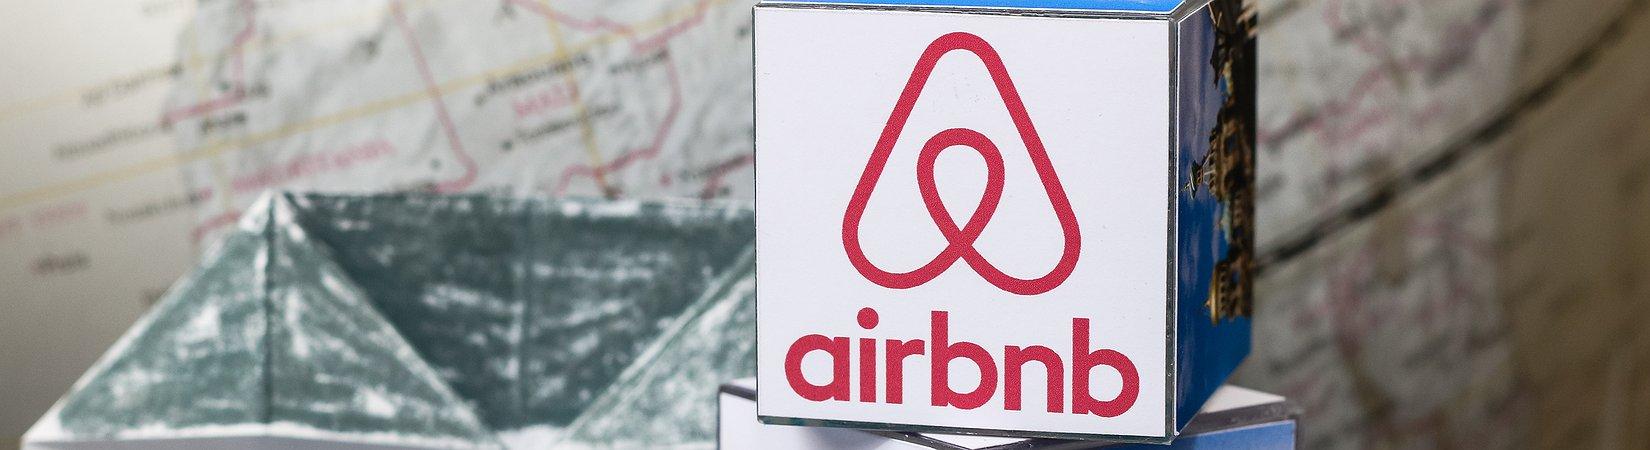 Airbnb va a lanzar una agencia de vuelos